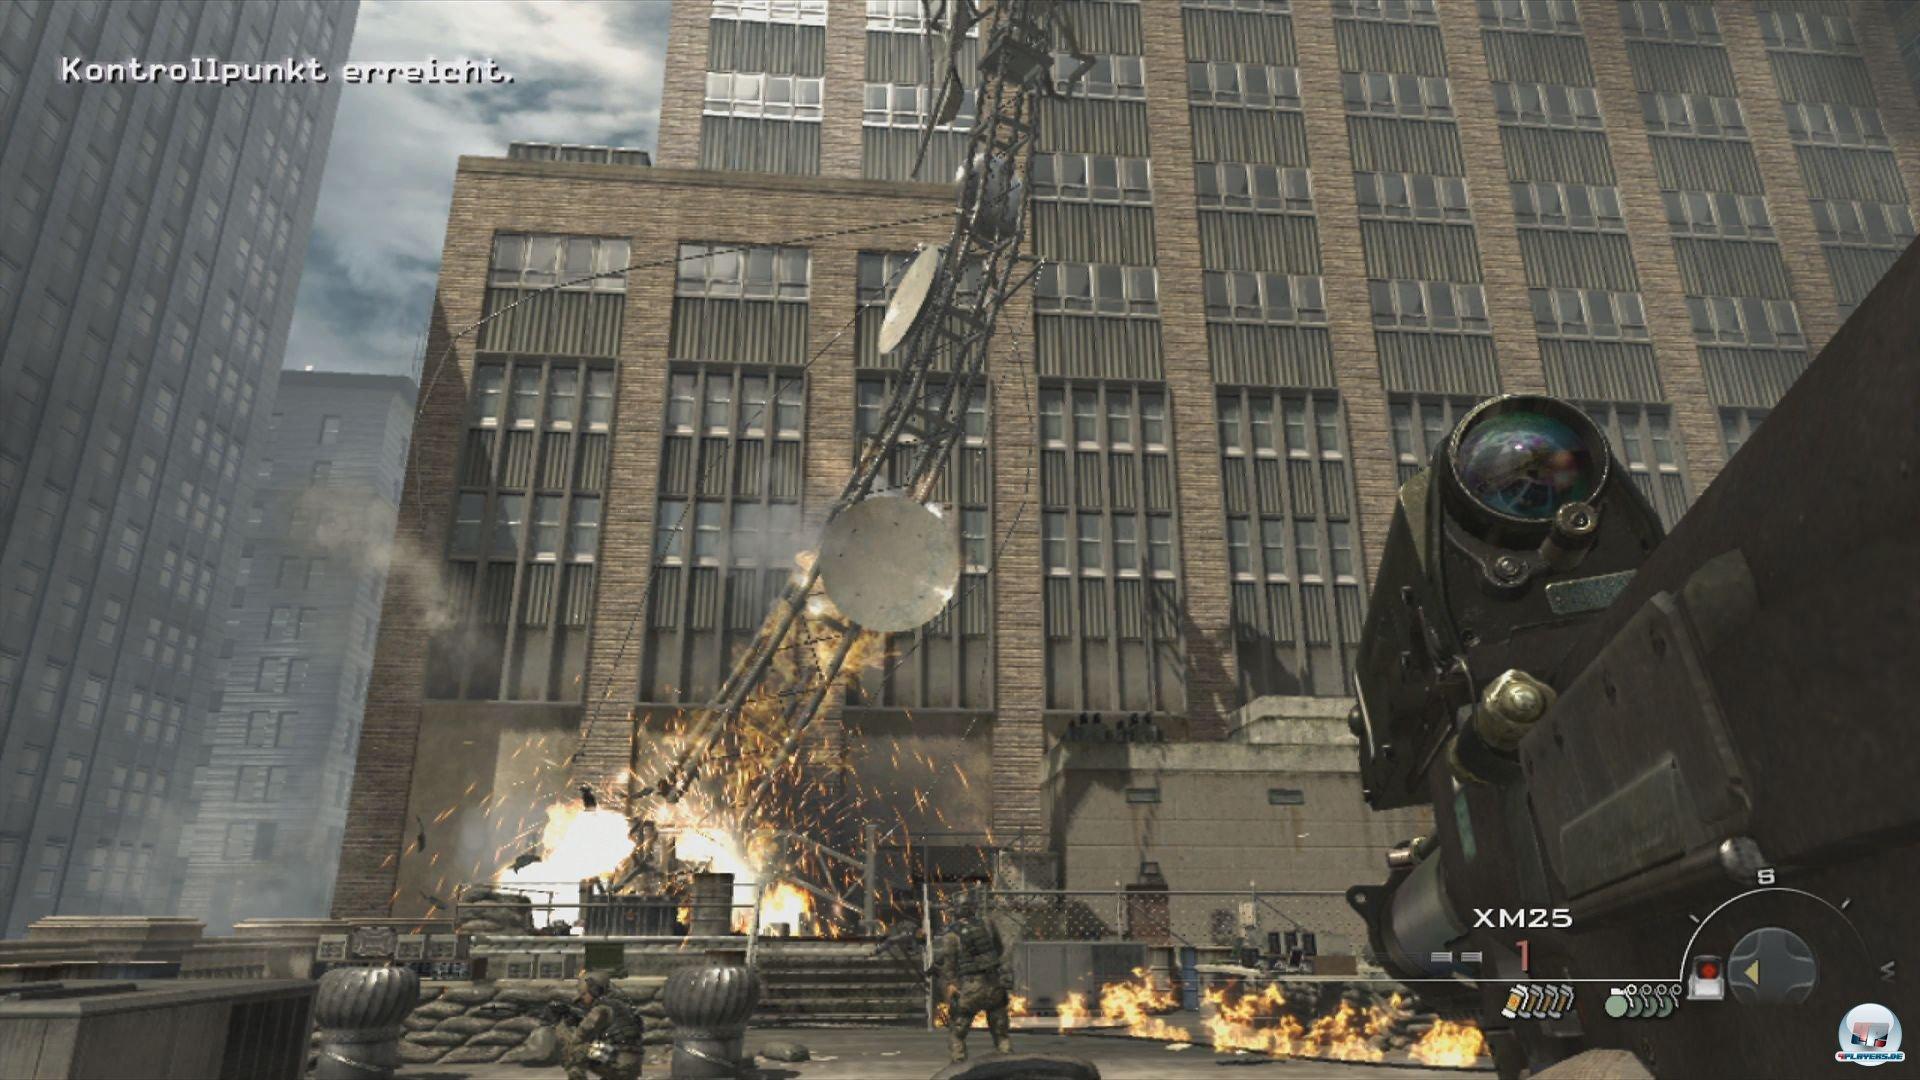 Baum fällt: In New York kämpft man auf das Dach der Börse, um einen Radarstörer zu beseitigen.